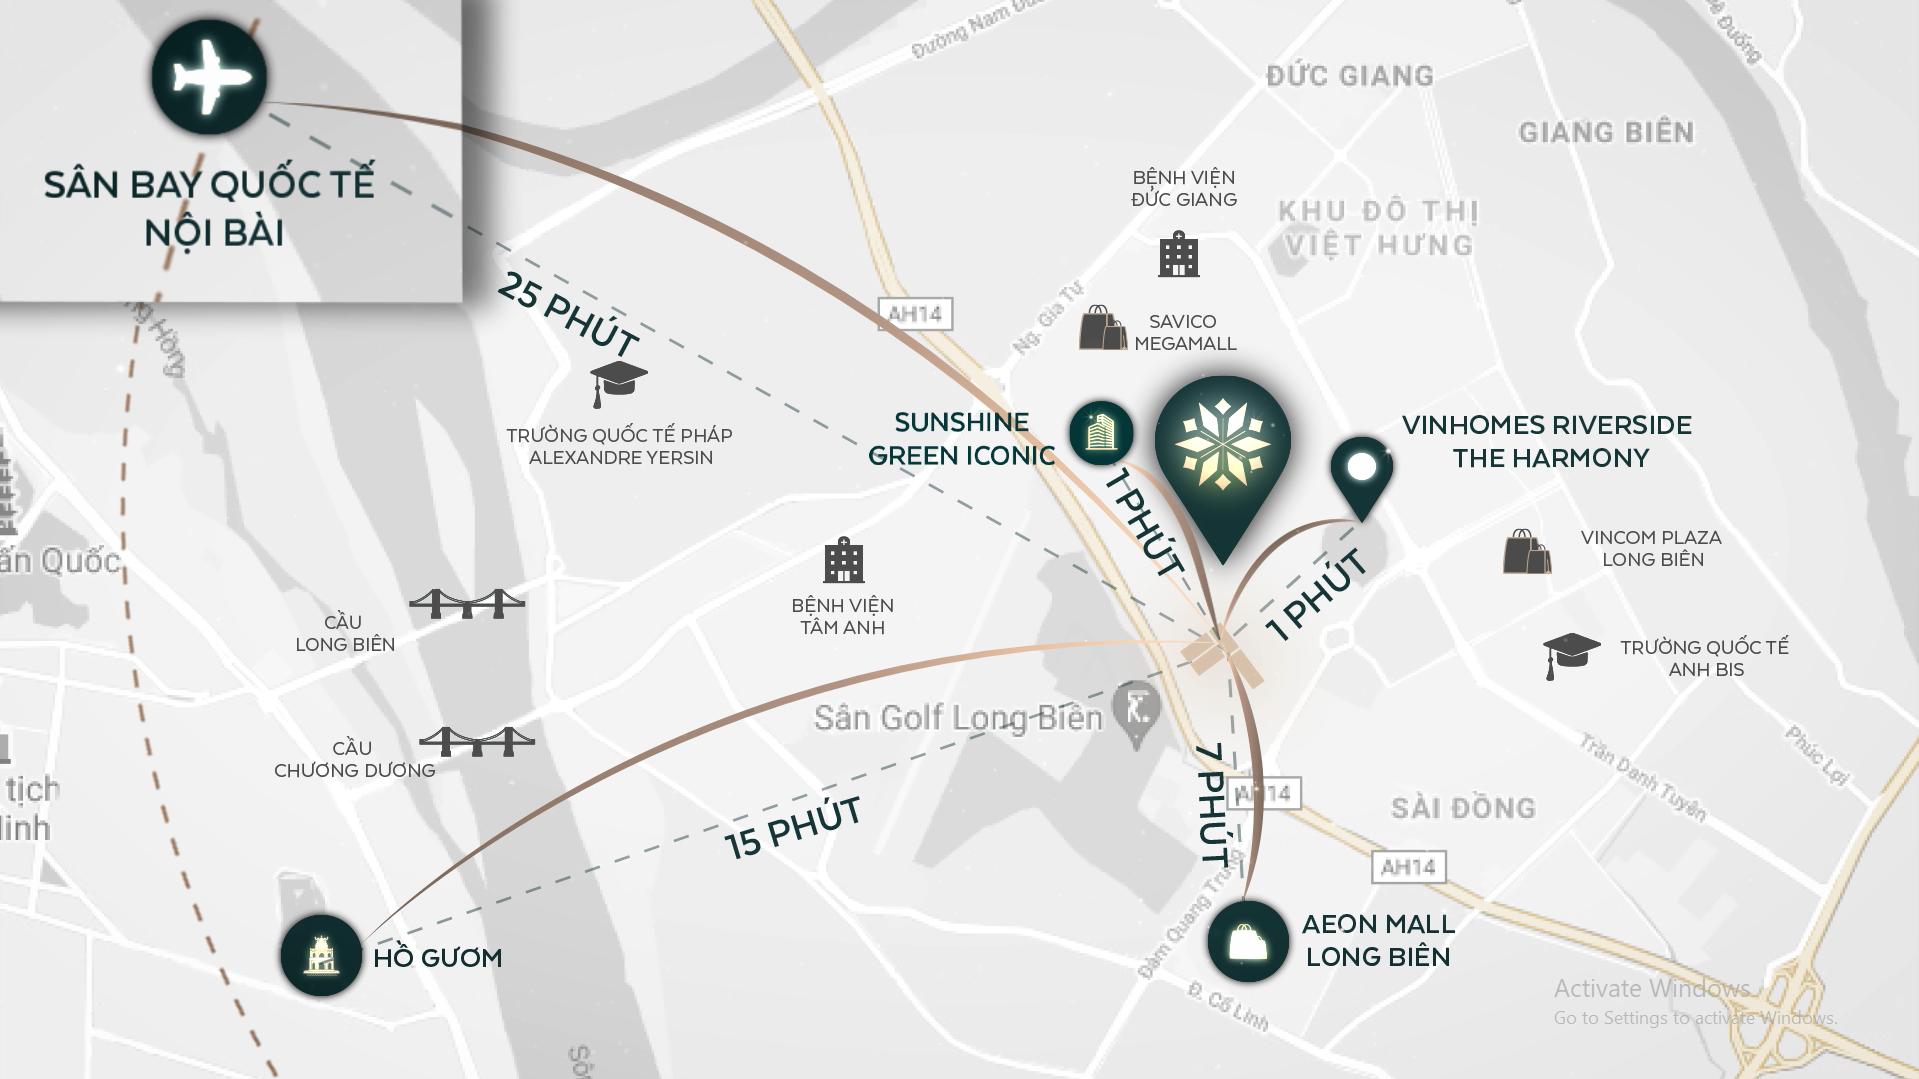 Kết nối thuận tiện đi trung tâm thành phố hoặc sân bay quốc tế